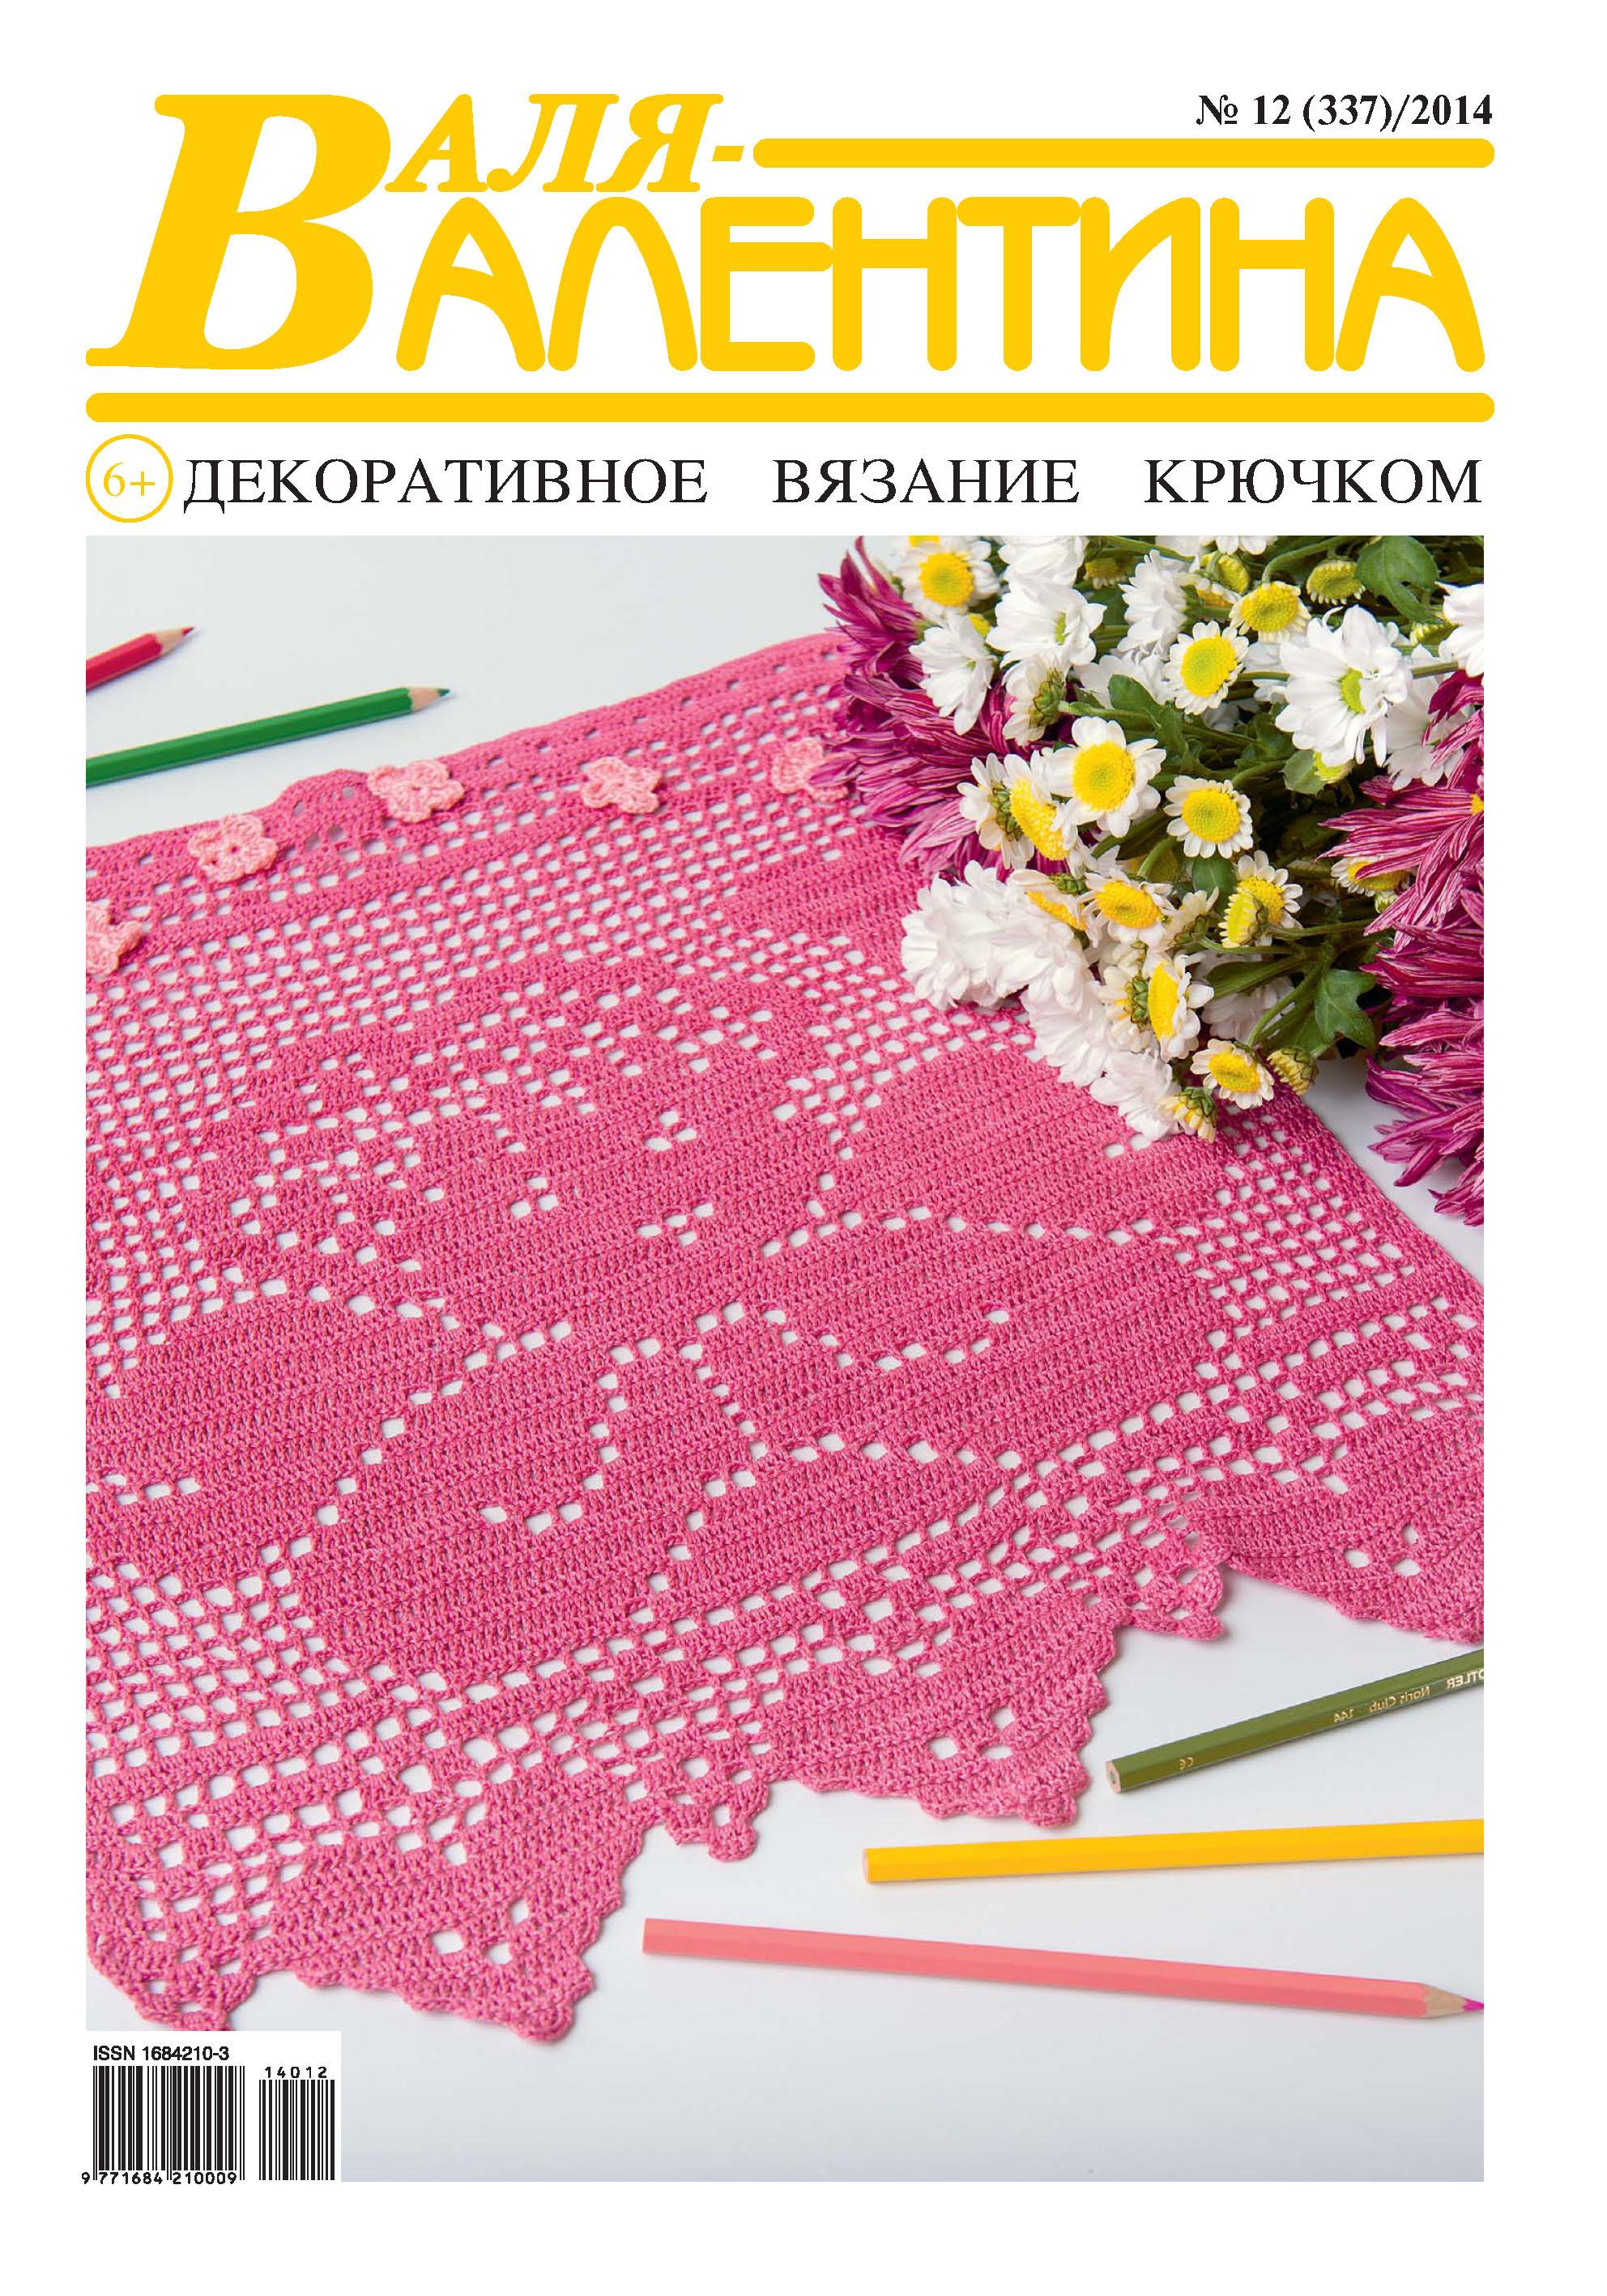 Валя-Валентина. Декоративное вязание крючком. №12/2014_Отсутствует